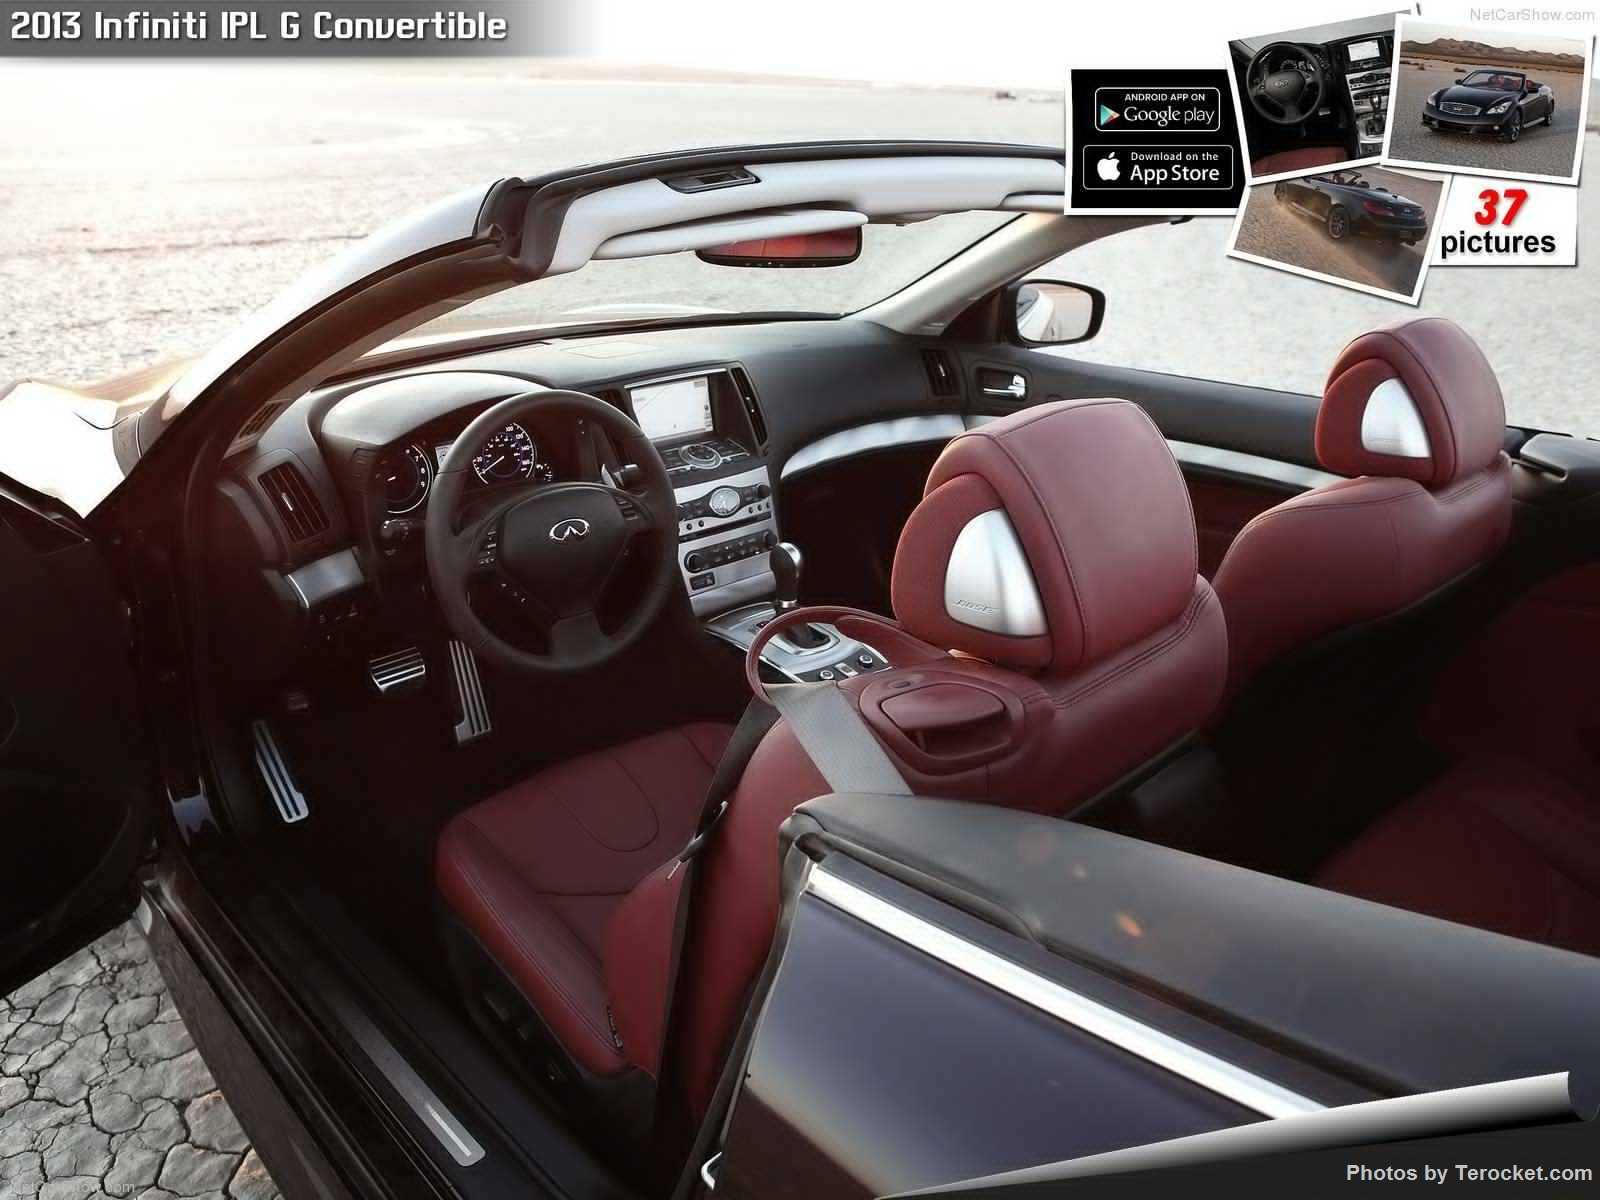 Hình ảnh xe ô tô Infiniti IPL G Convertible 2013 & nội ngoại thất